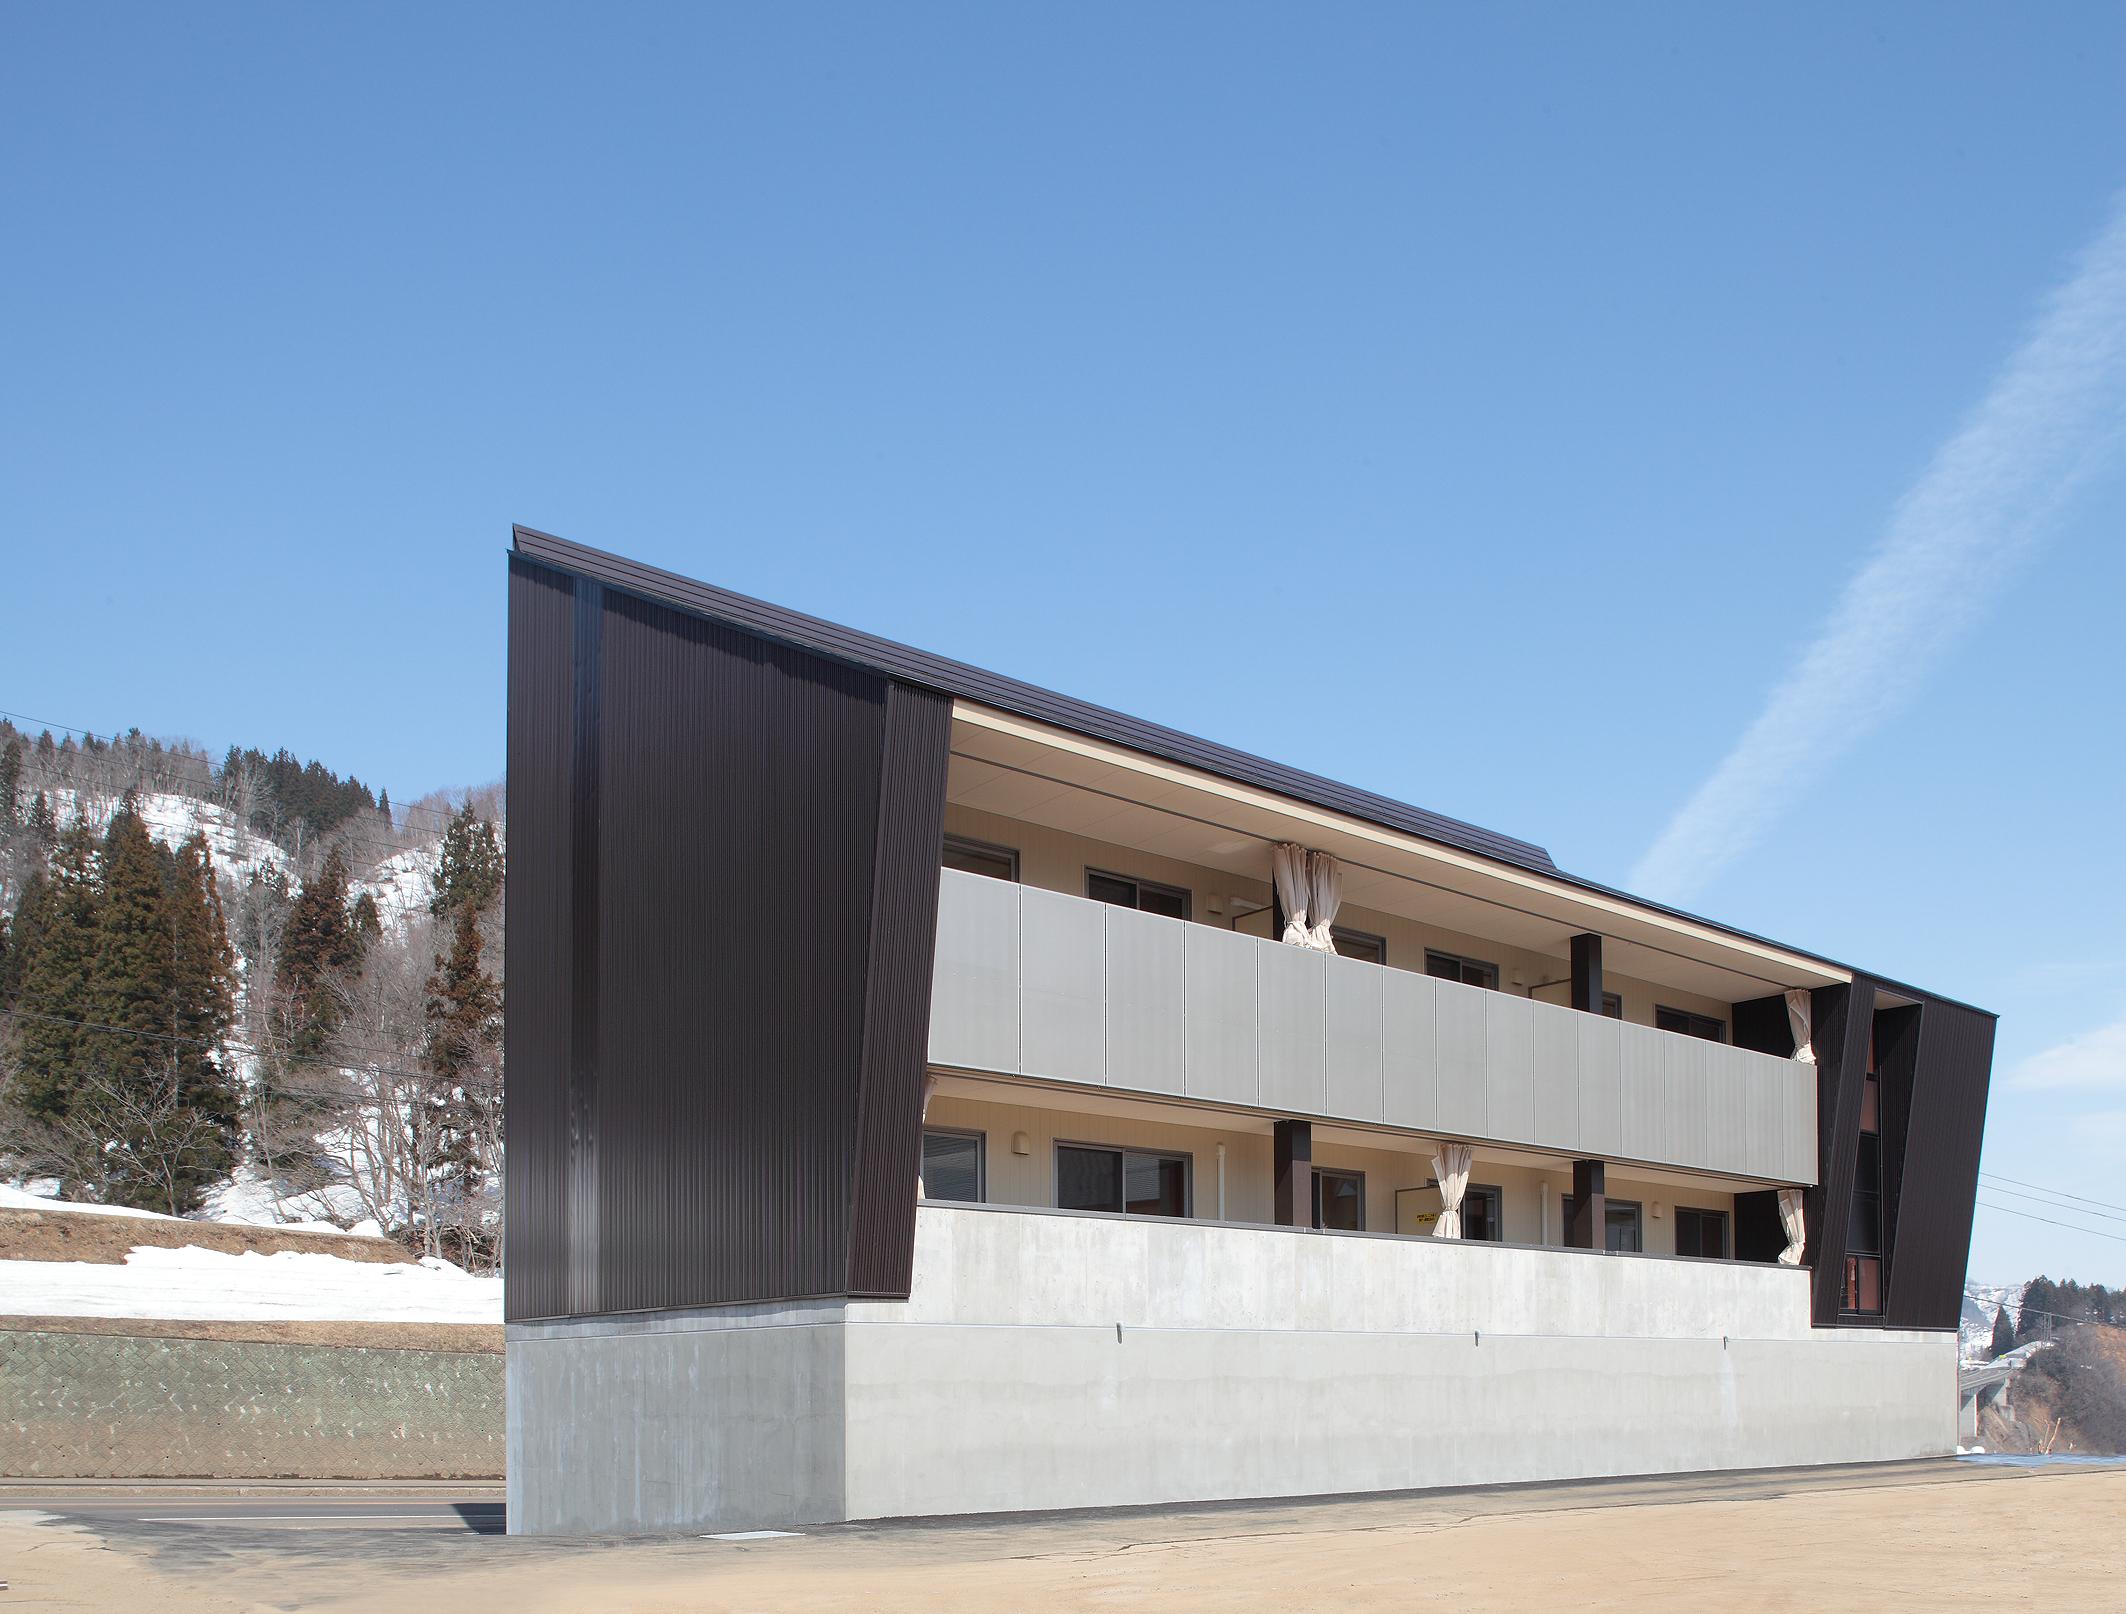 栄村教員住宅(公立学校施設災害復旧事業) | 建築設備設計 SFD ...